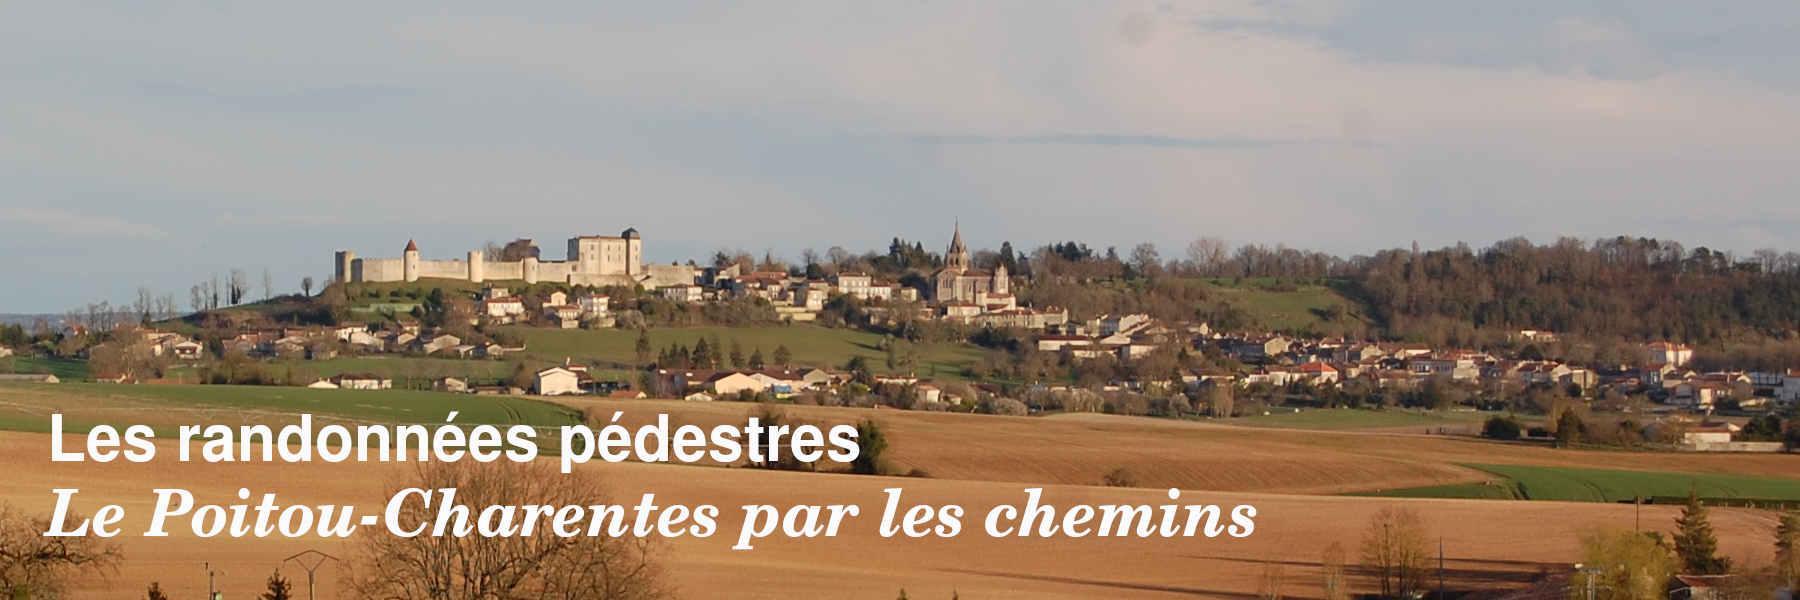 Les randonnées pédestres en Poitou-Charentes